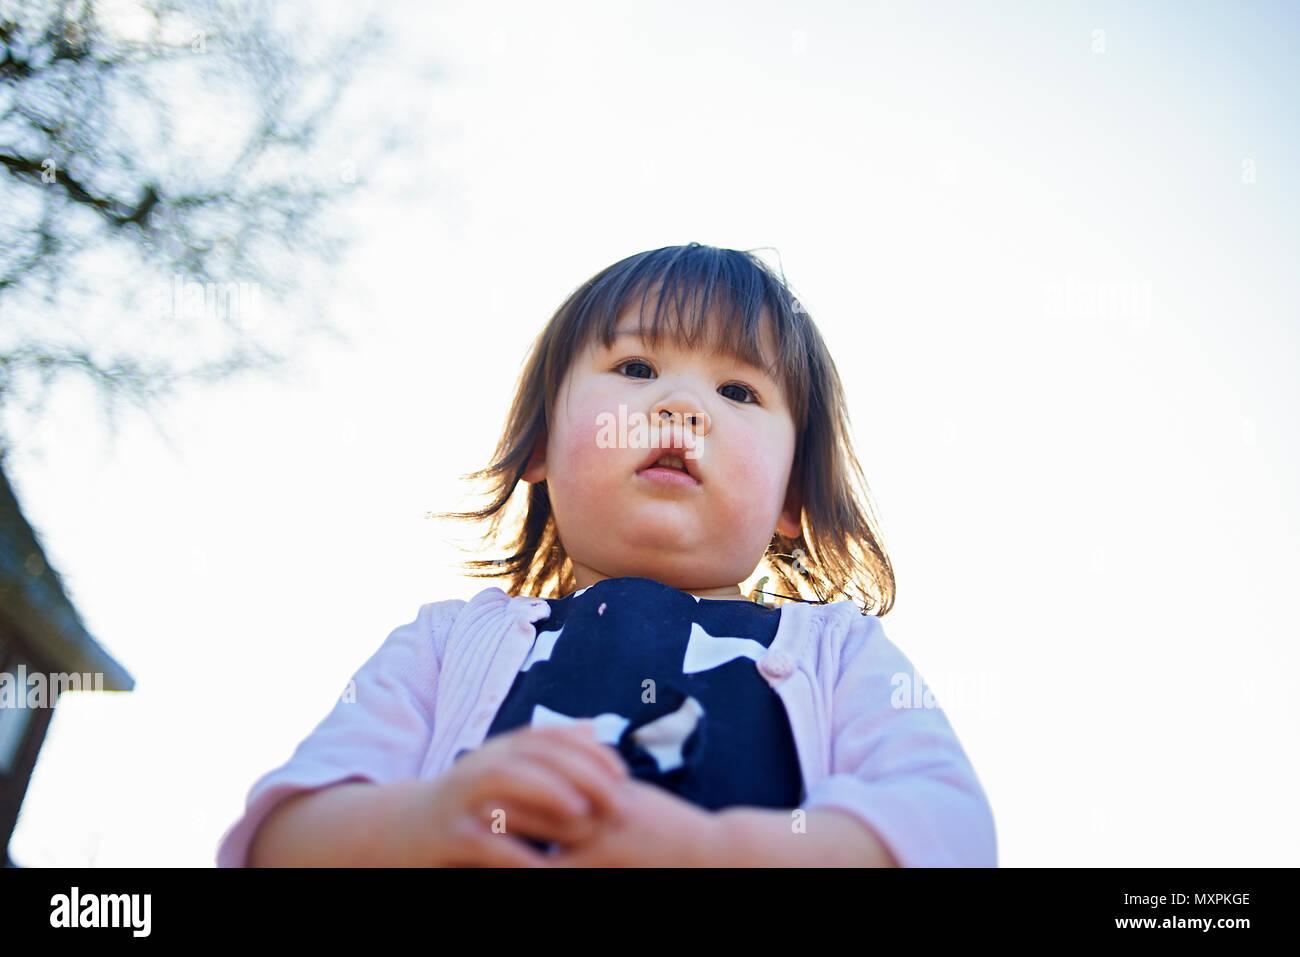 Retrato de un joven asiático lindo bebé niña con rosey mejillas en clima  frío mirando a 253d8059a14